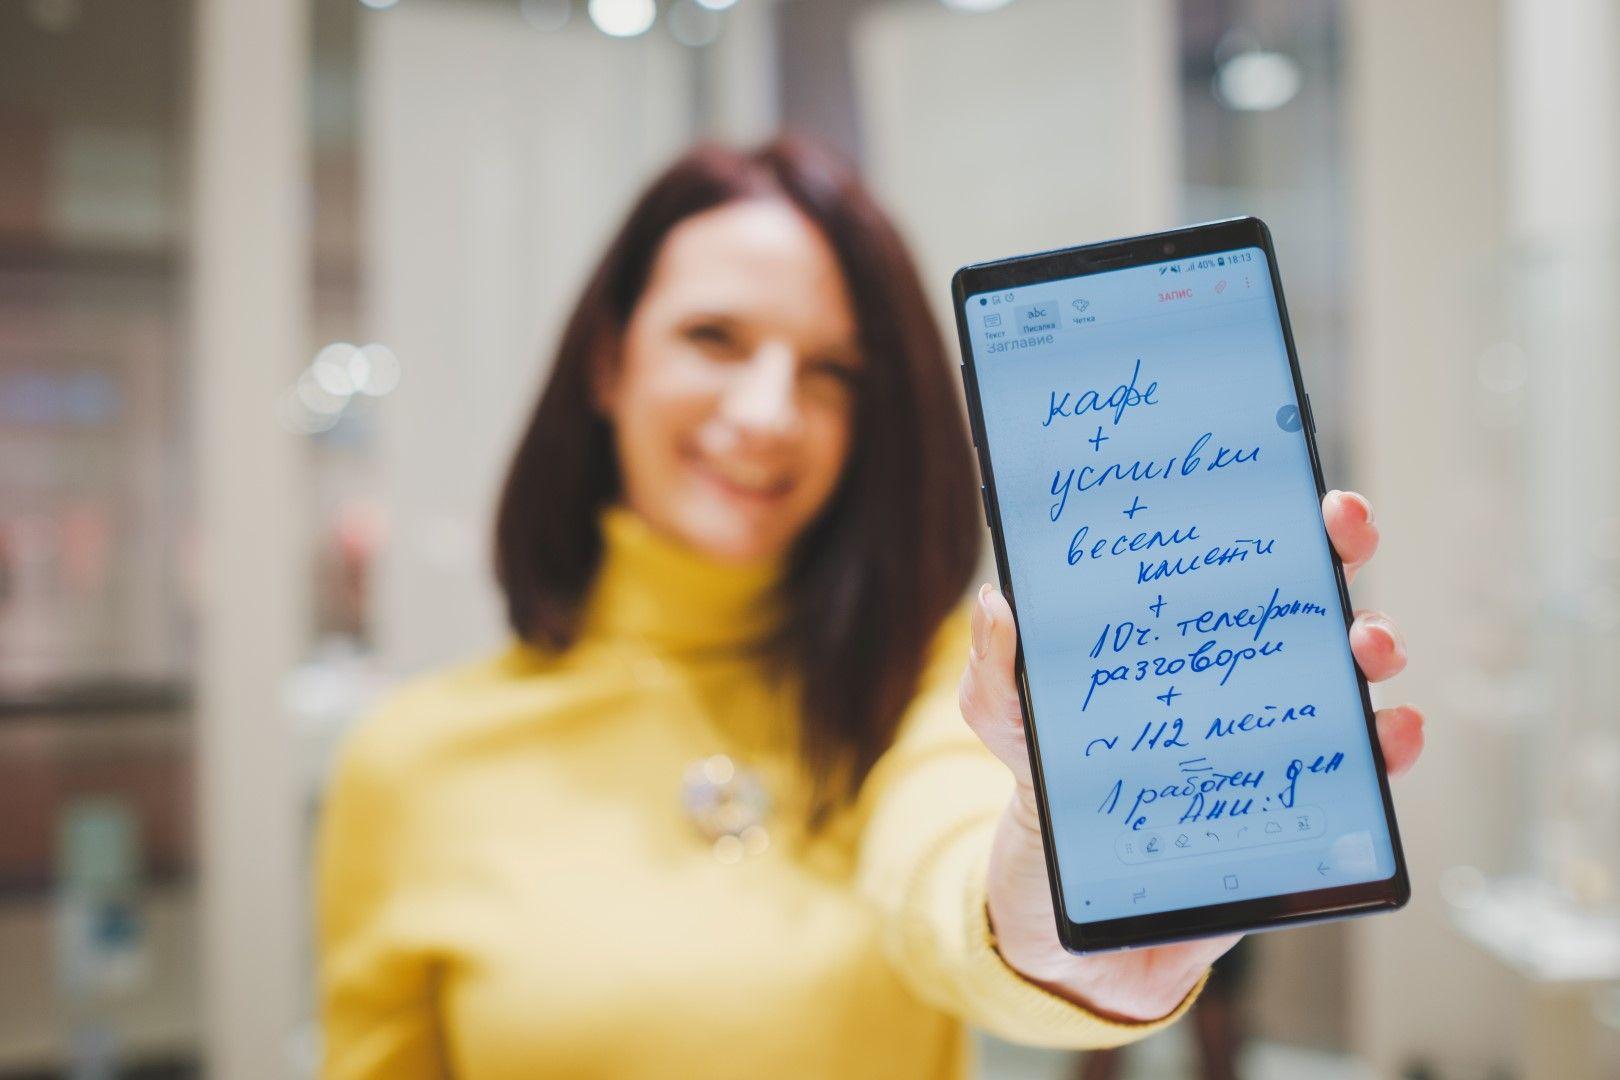 Денят на Ани описан със S PEN писалката на Samsung Galaxy Note 9